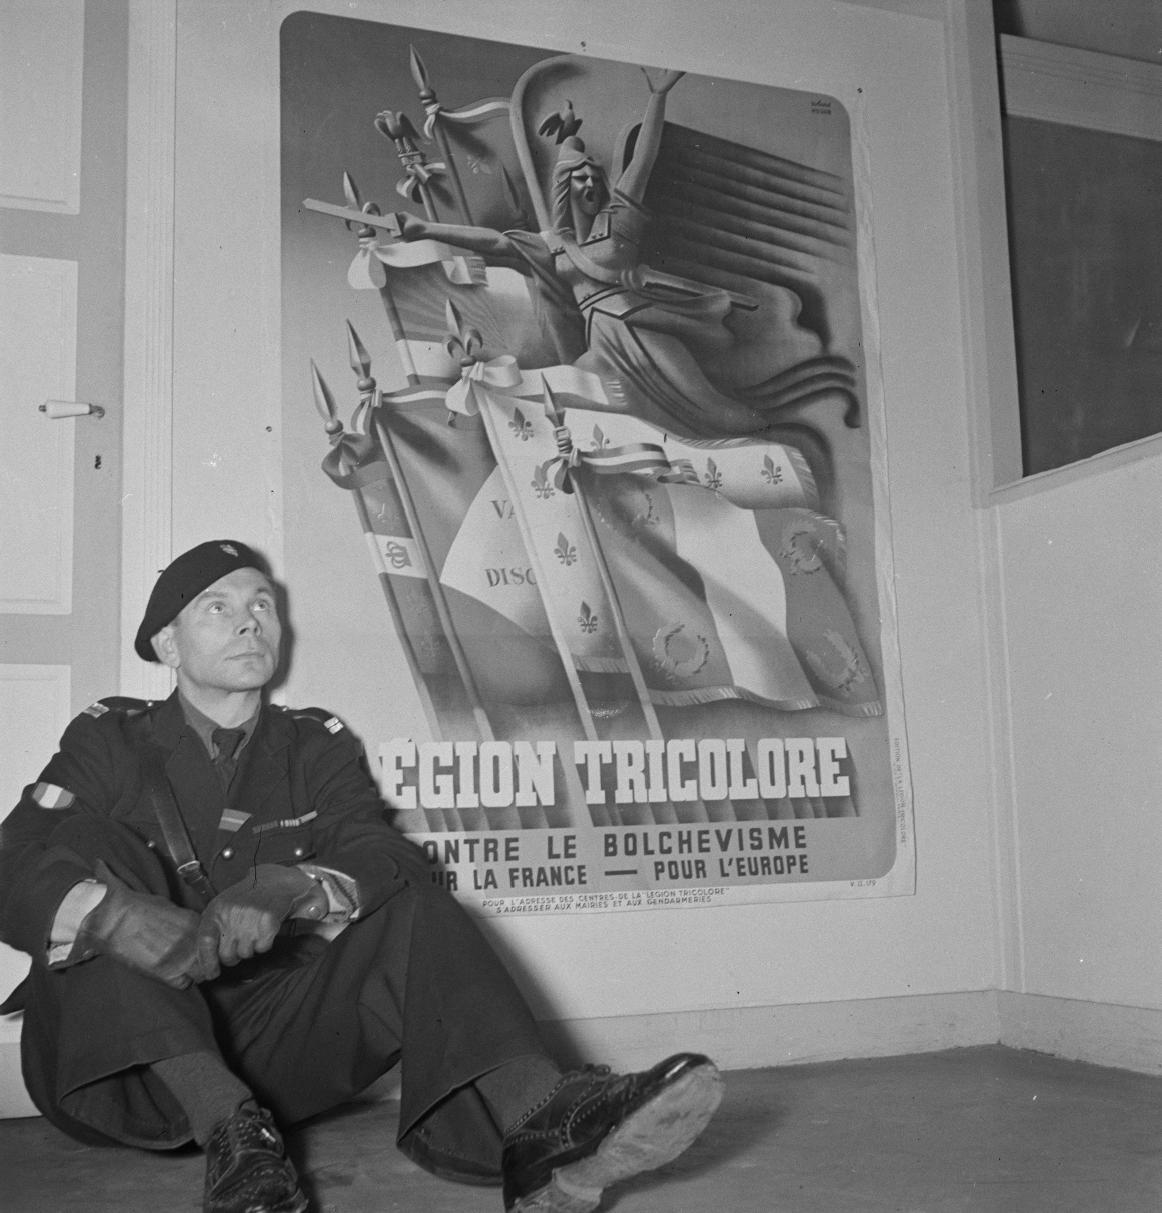 015. Легион французских добровольцев против большевизма. Доброволец